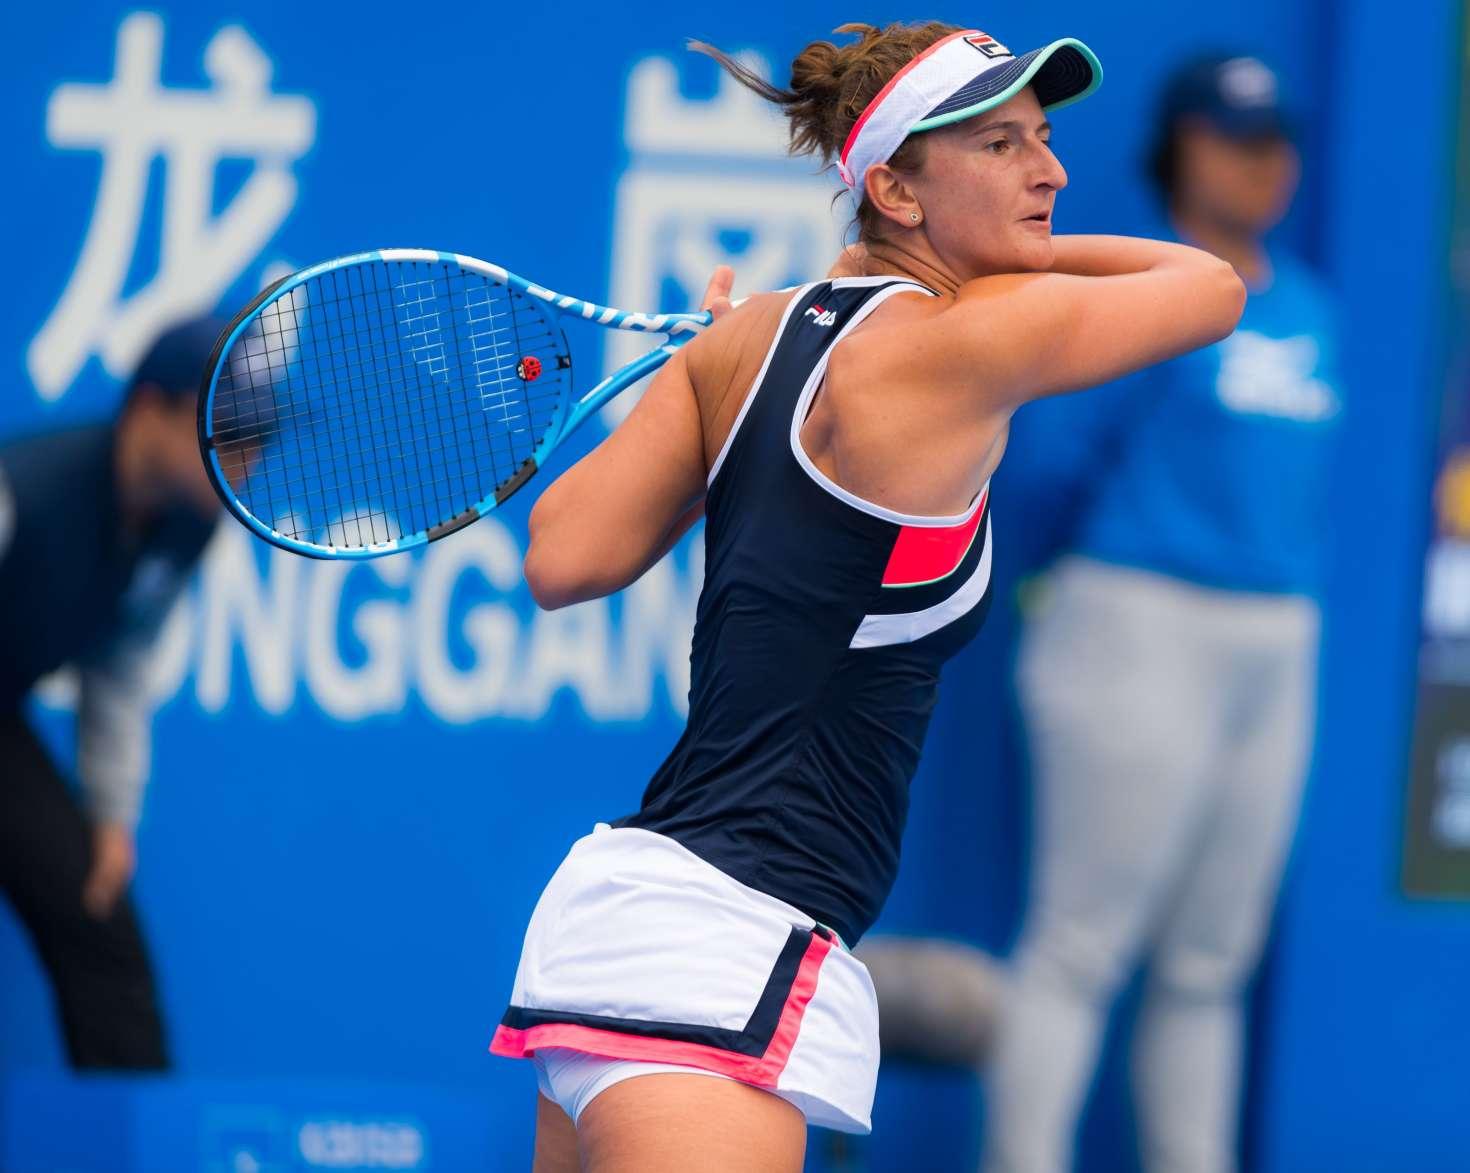 Irina Begu vs Laura Siegemund WTA Bucharest 19.07.2019 ...  |Irina Begu